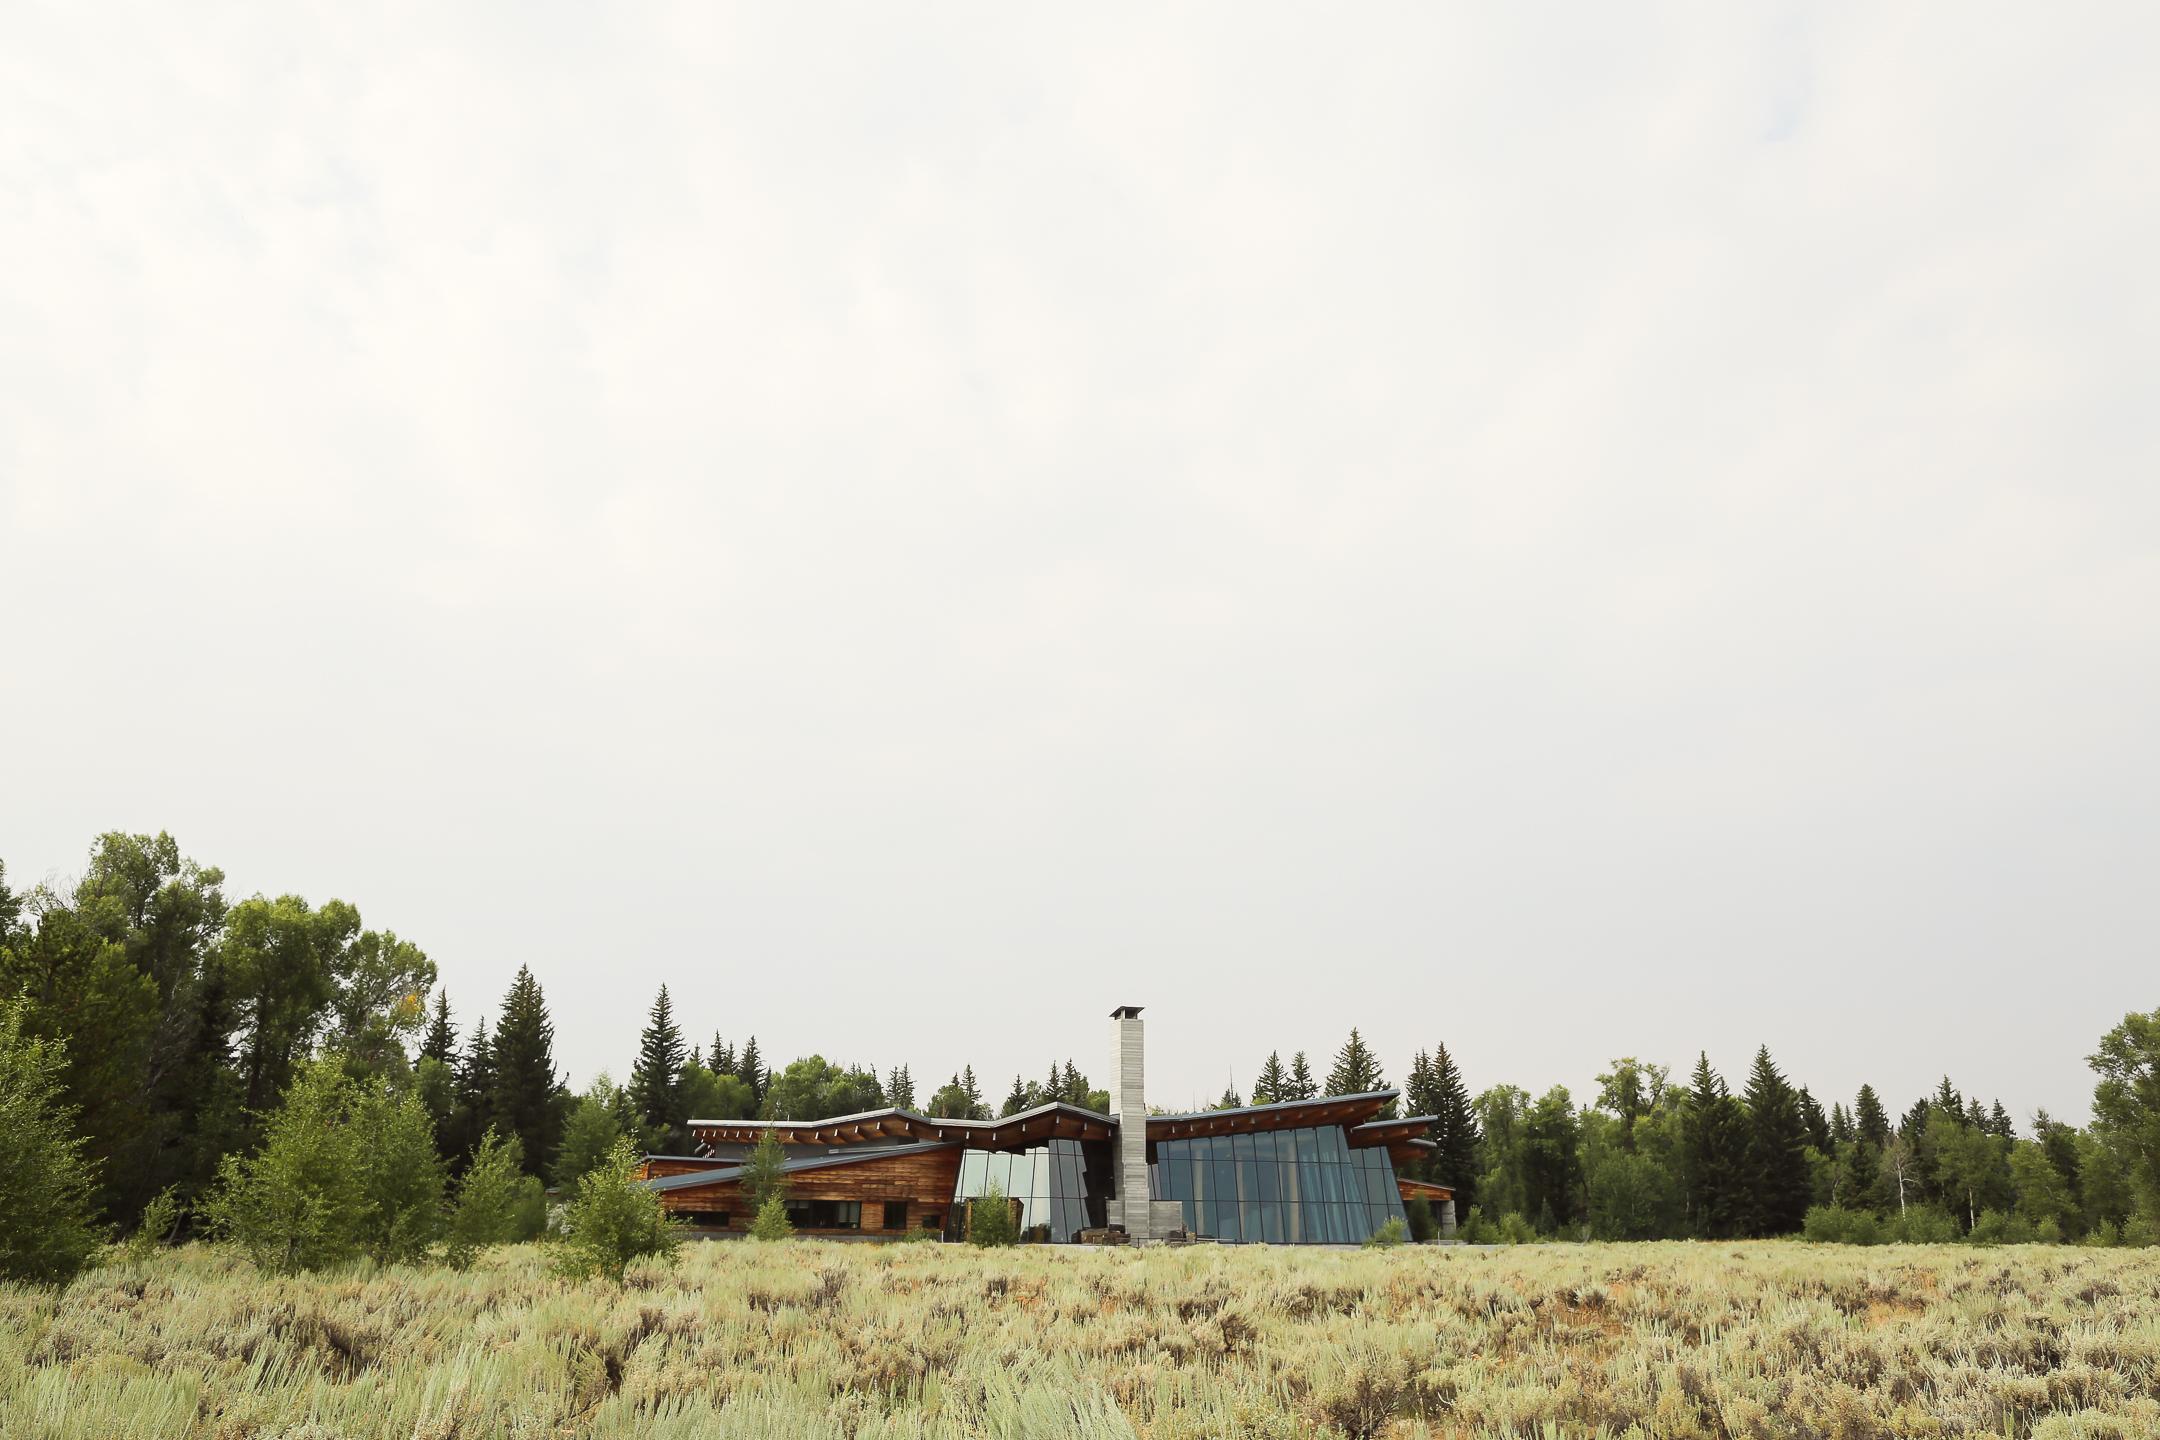 Yellowstone-1.jpg